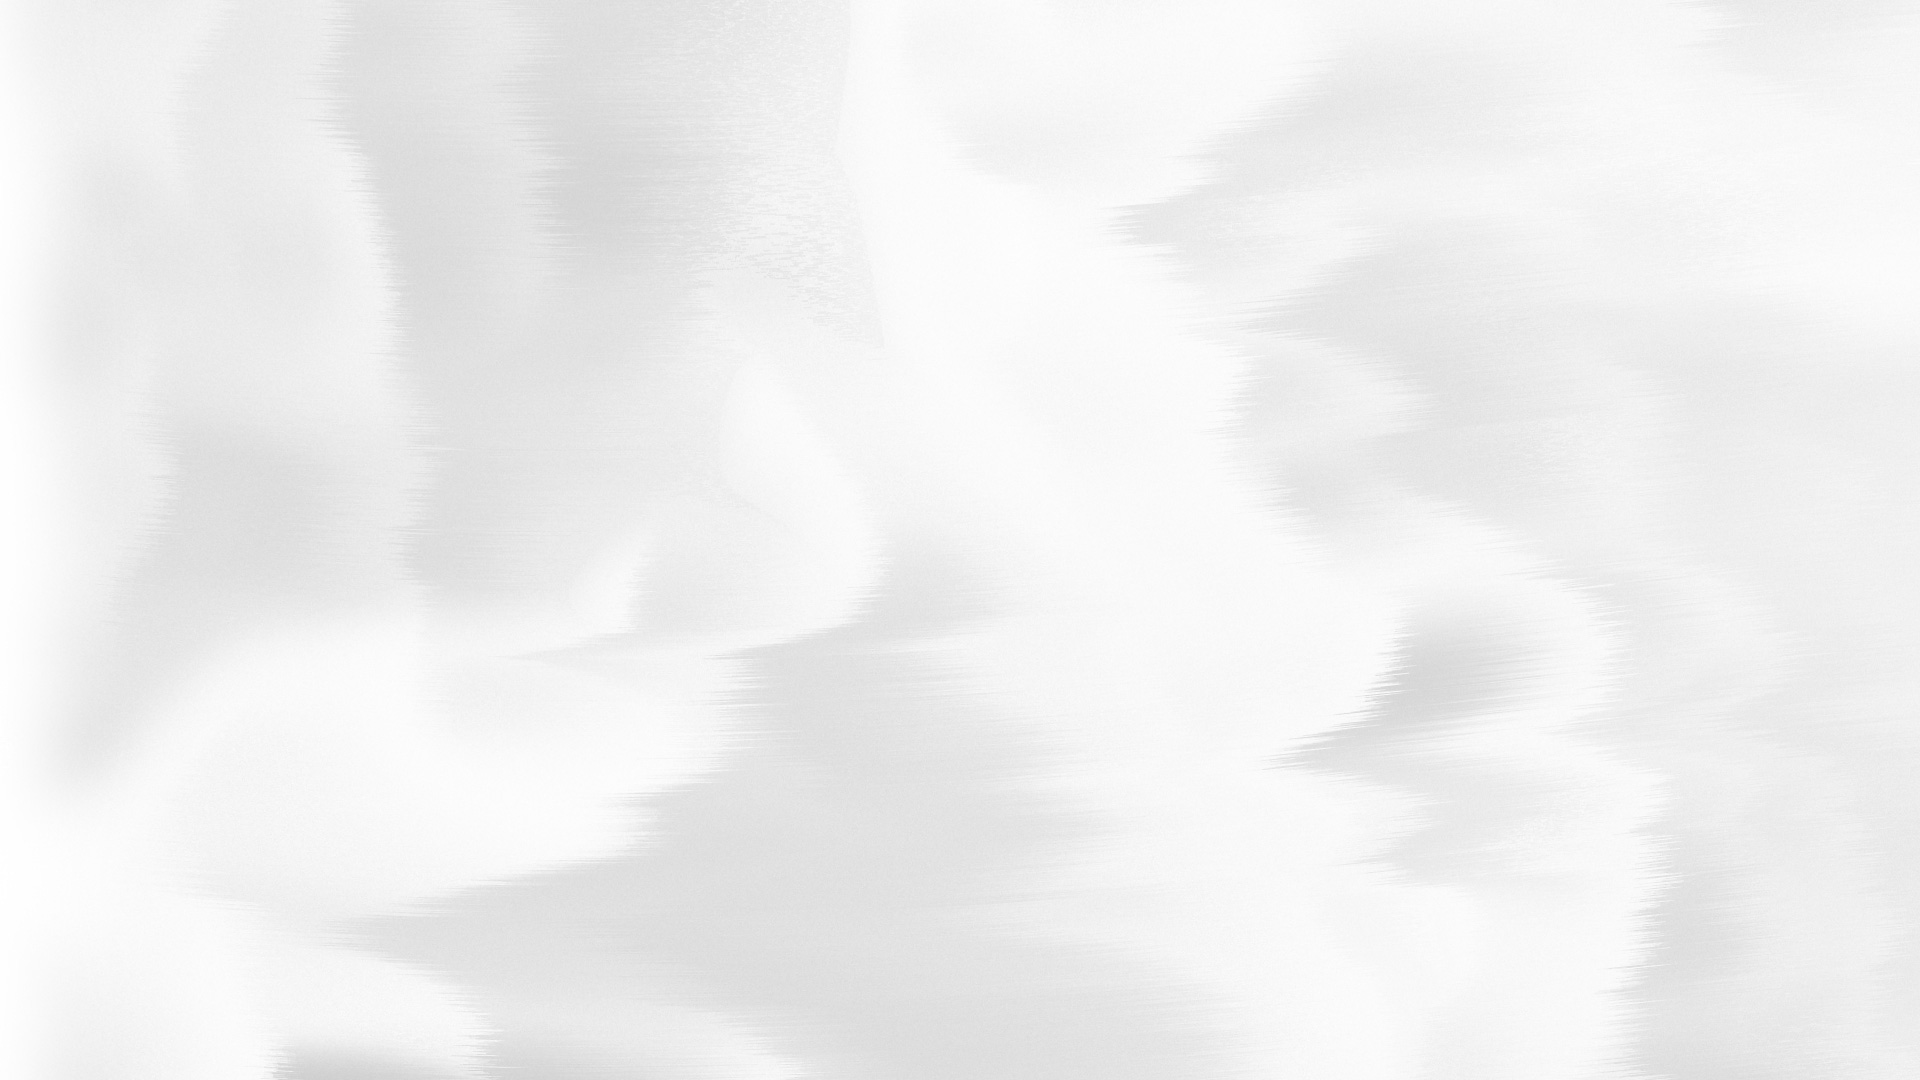 White Textured Background Dream Village Football Academy